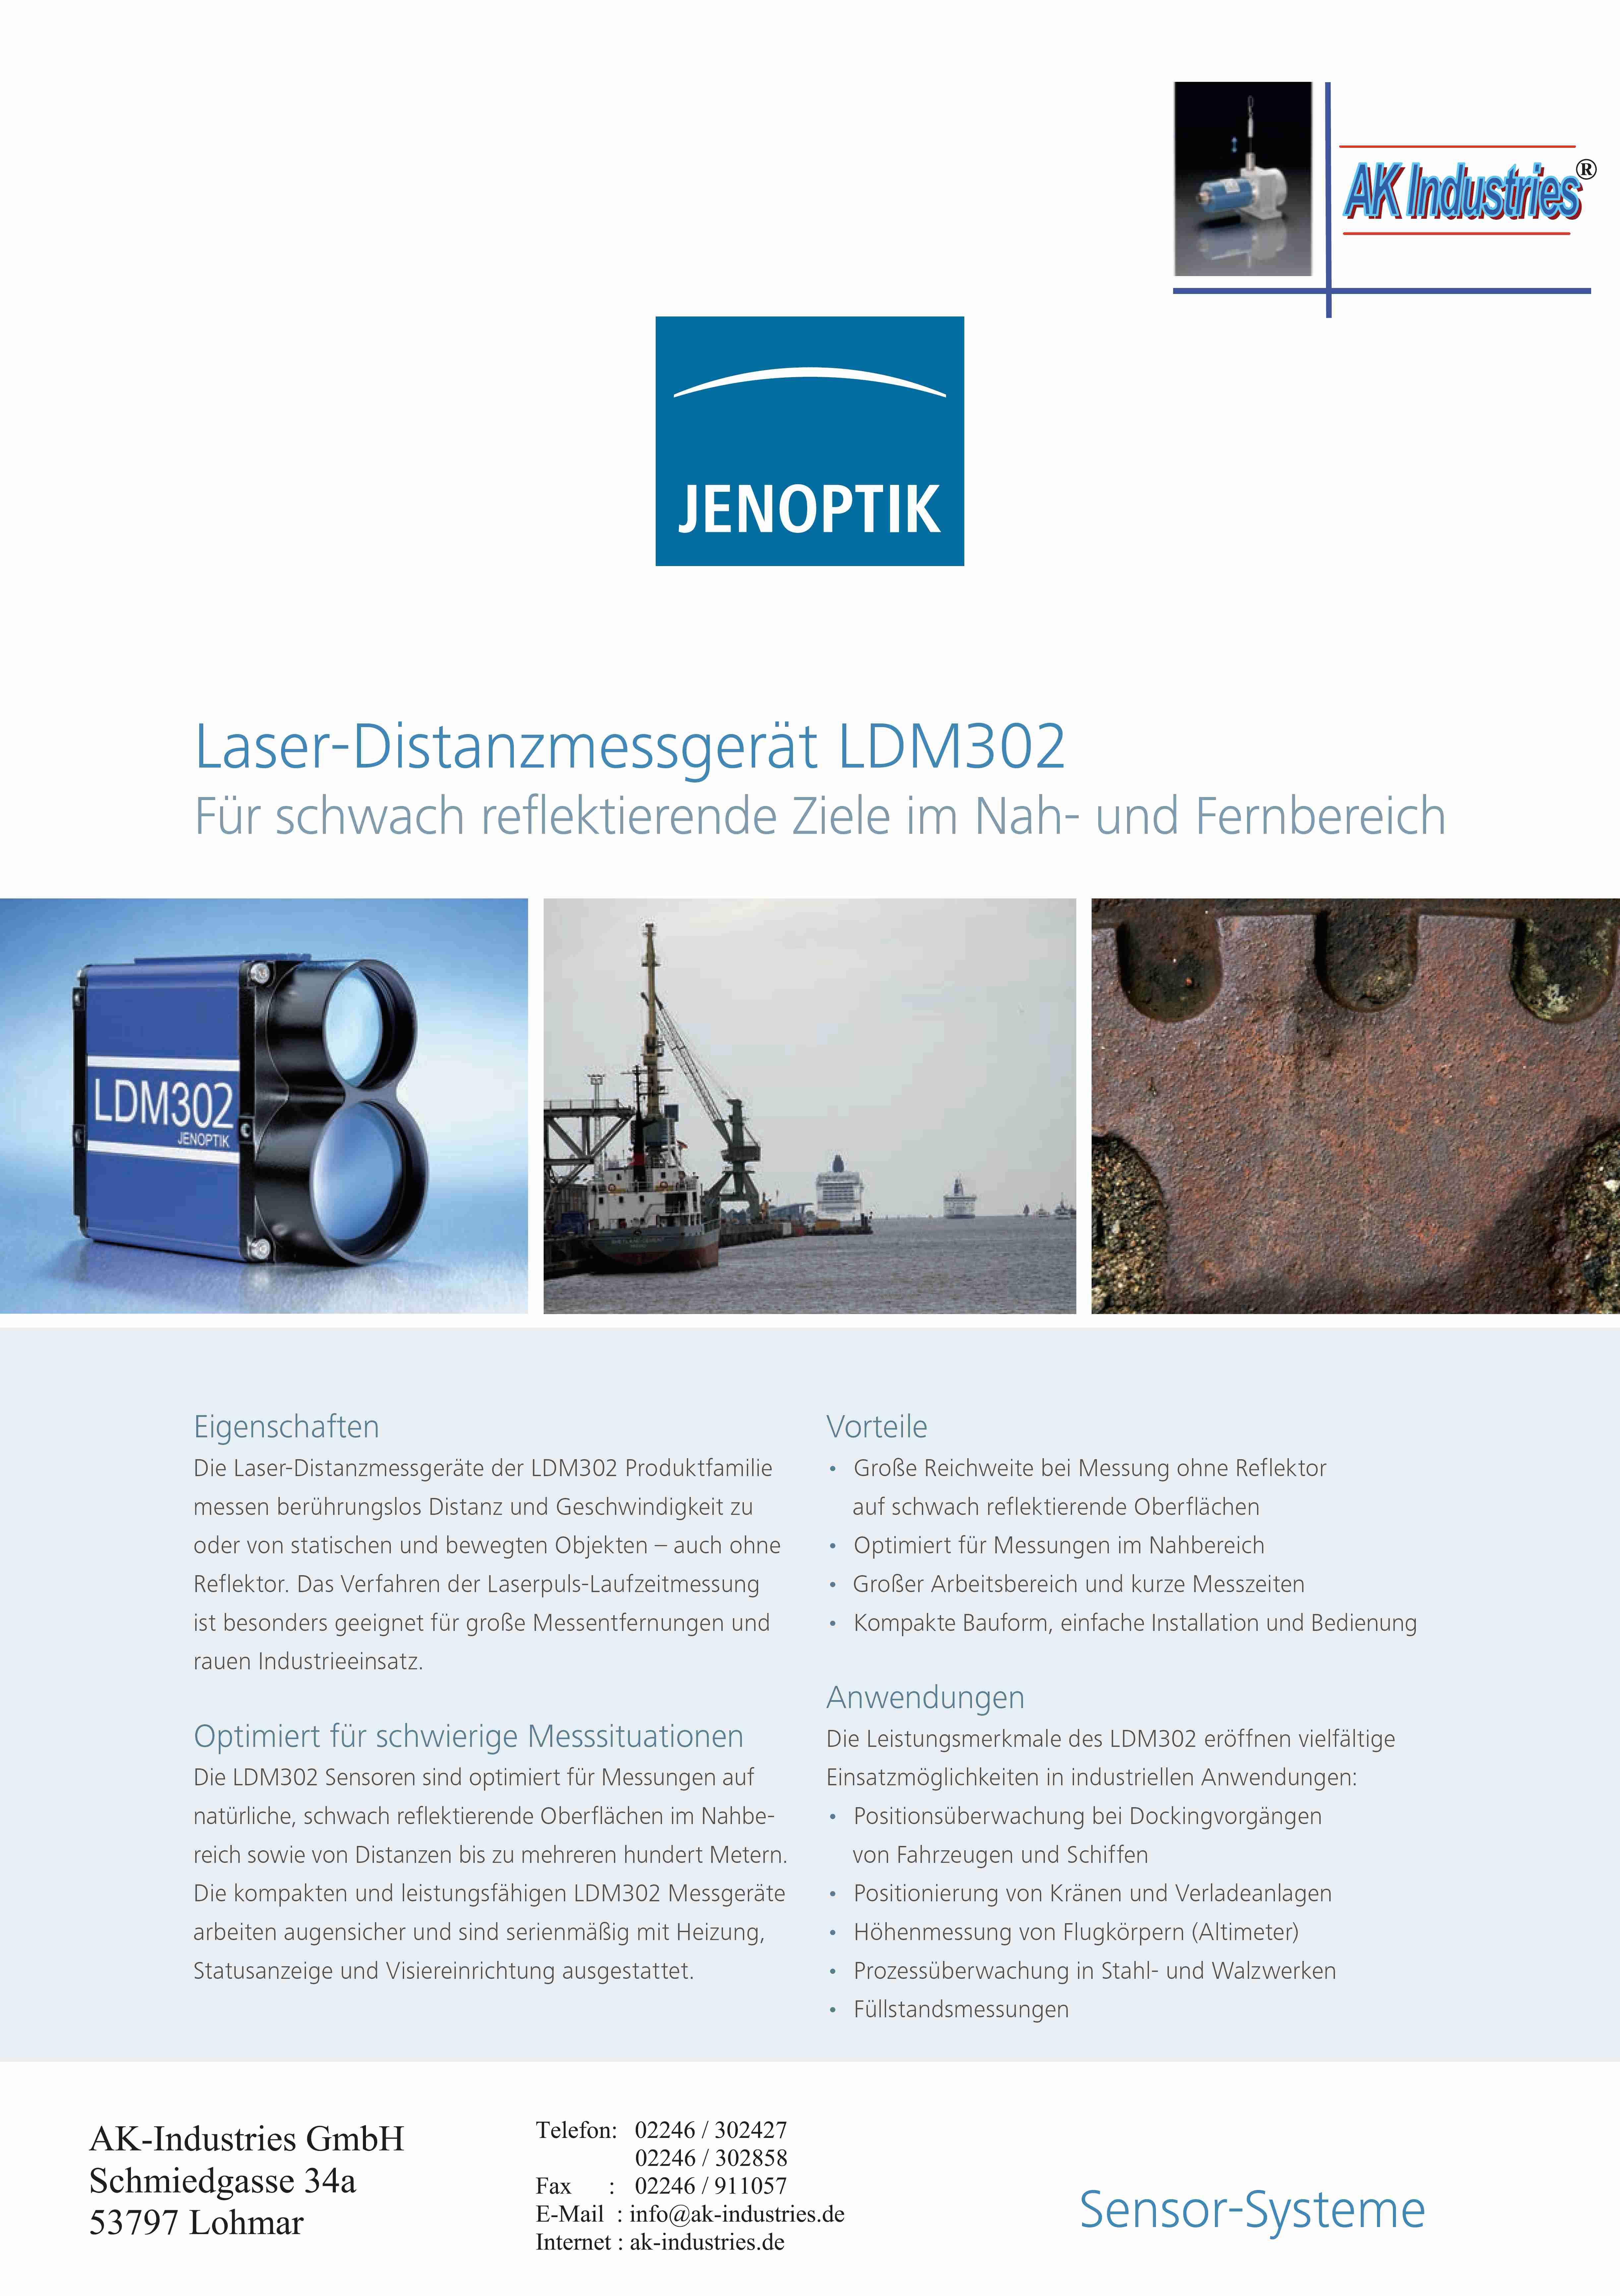 Laser Distanzmessgerät LDM302